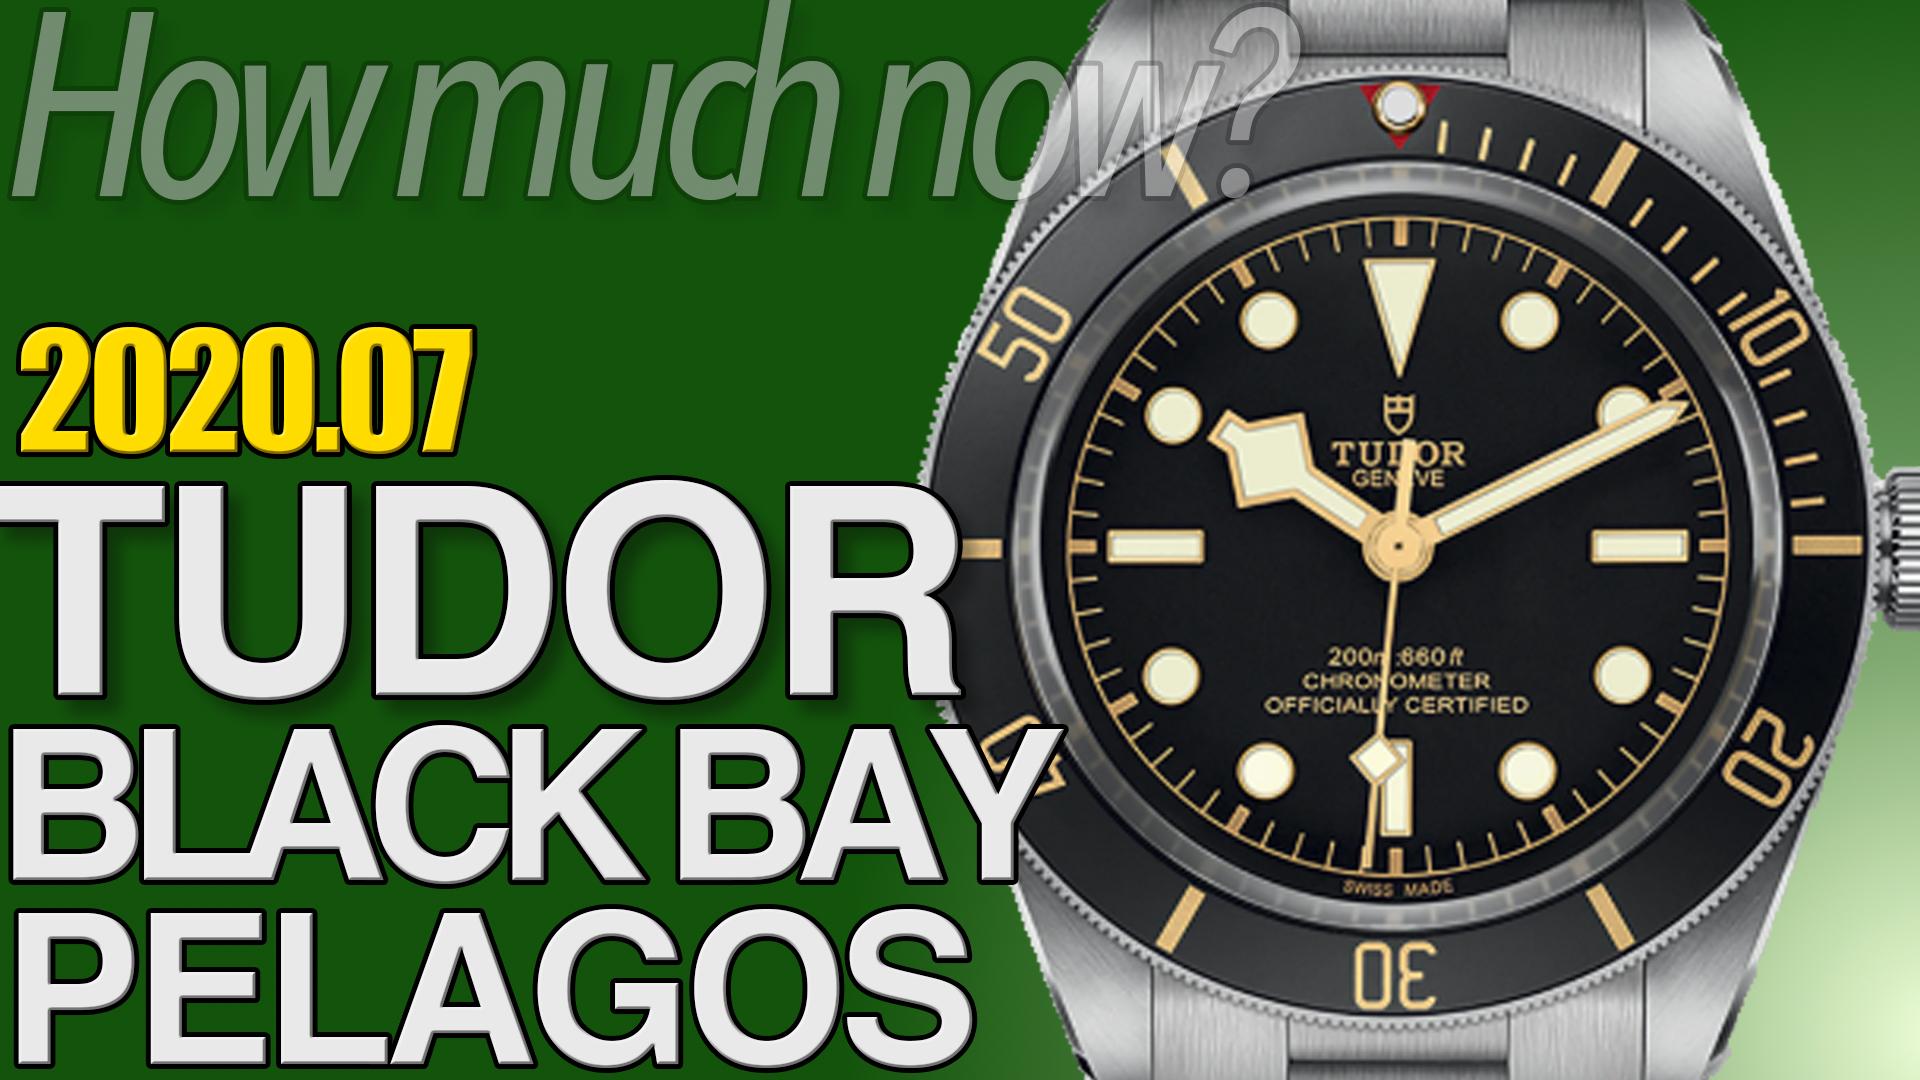 ブラックベイ、ペラゴス 買取相場まとめ 2020年7月版 |チューダー時計の価格情報